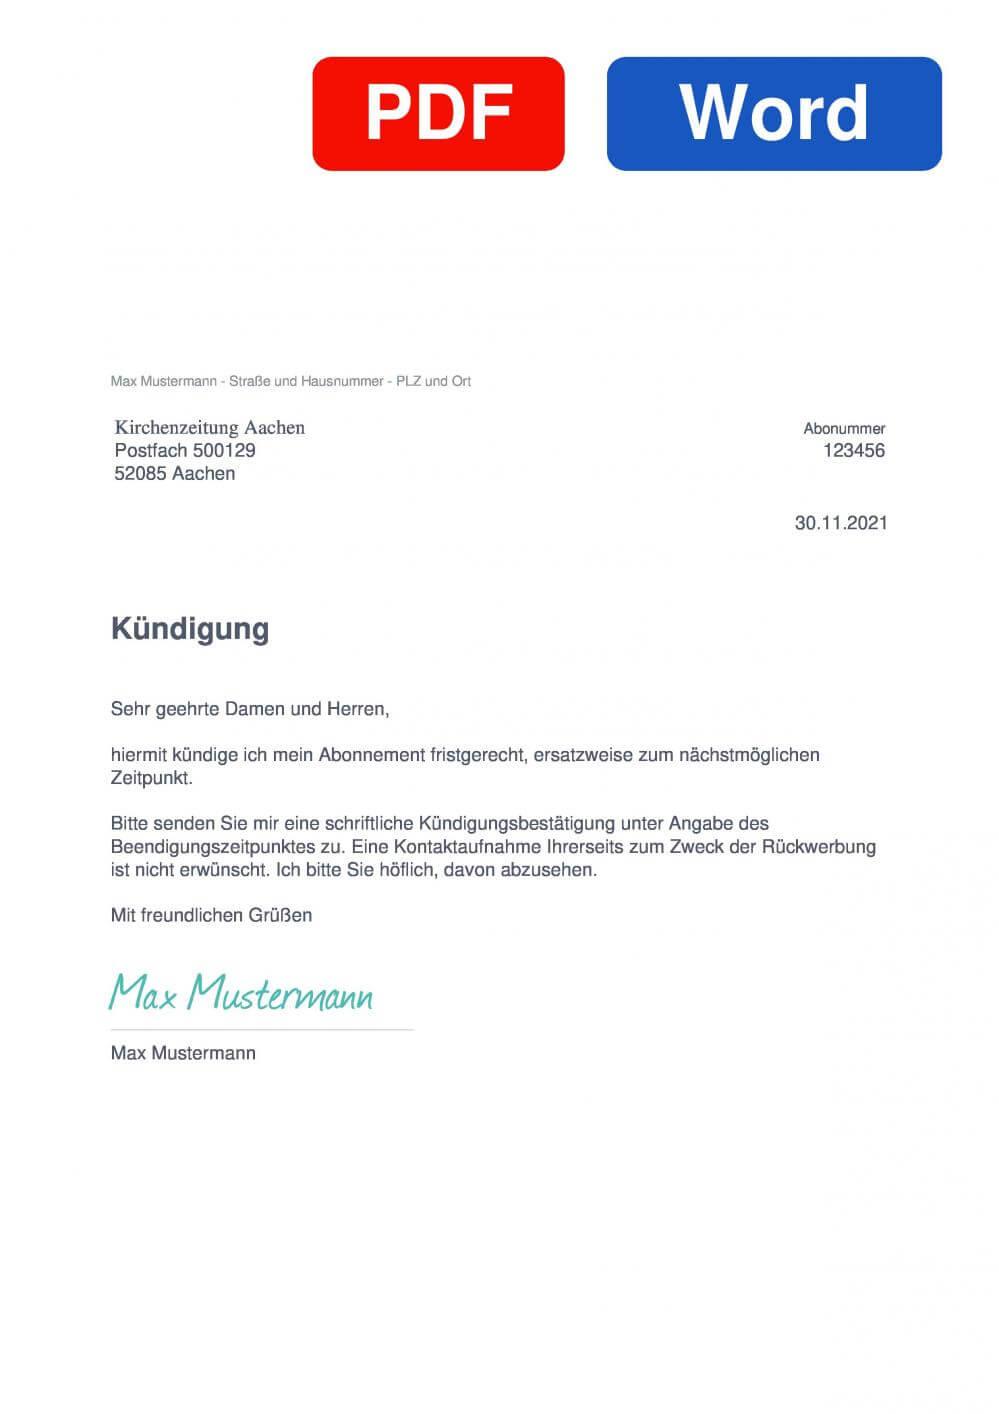 Kirchenzeitung Aachen Muster Vorlage für Kündigungsschreiben